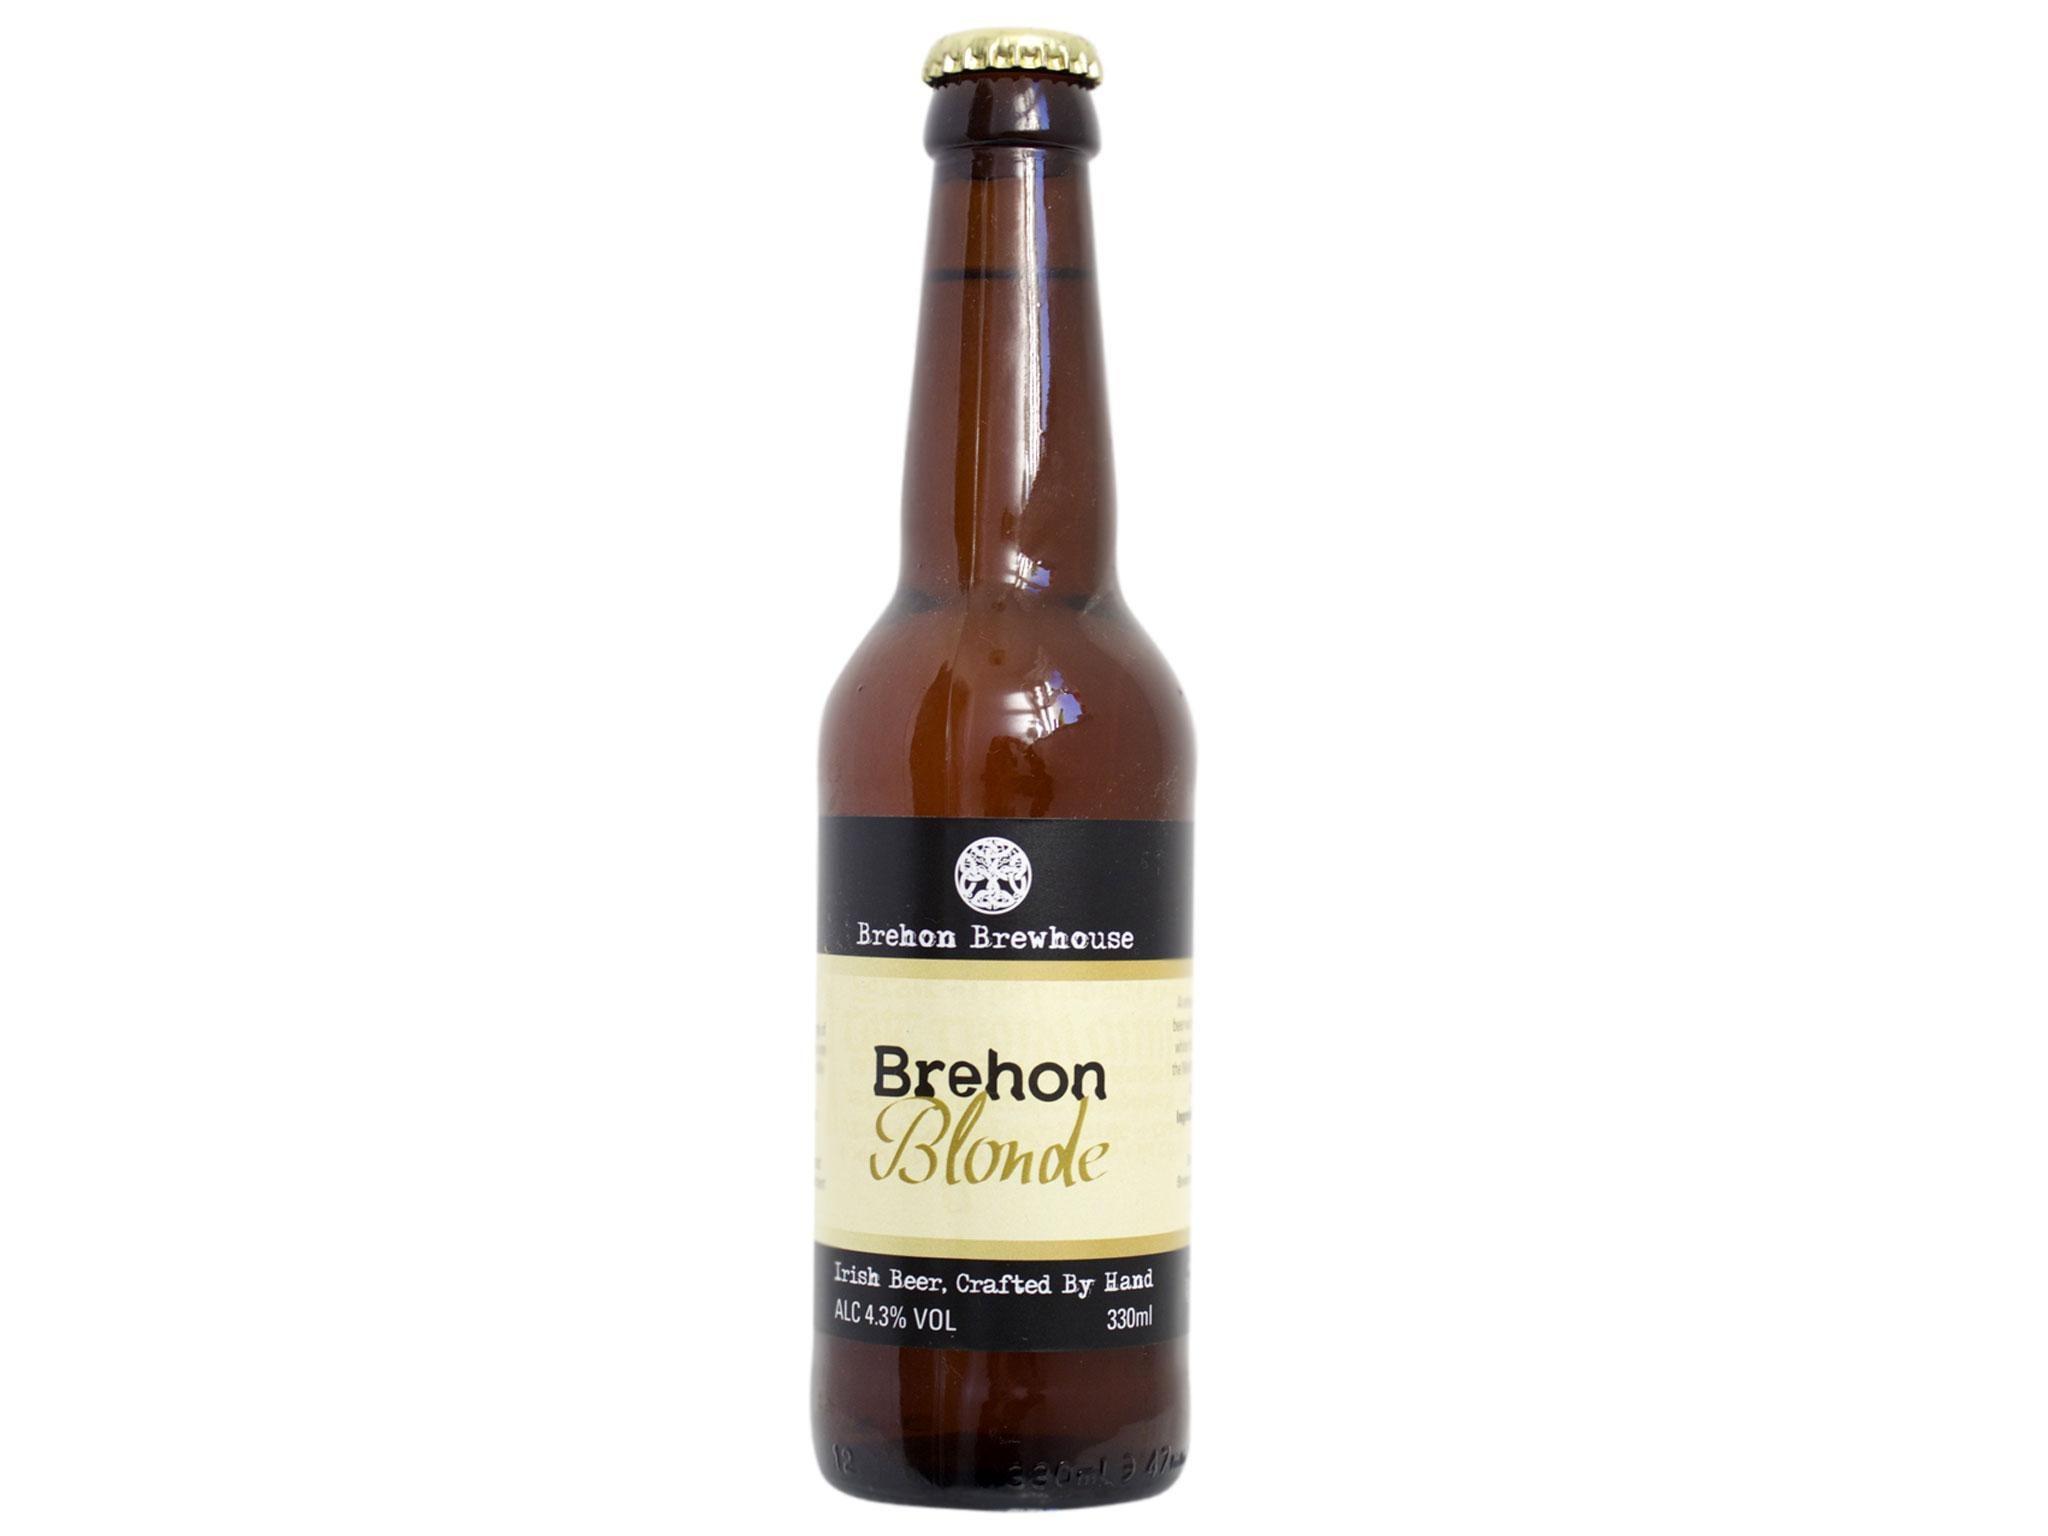 10 best Irish beers | The Independent